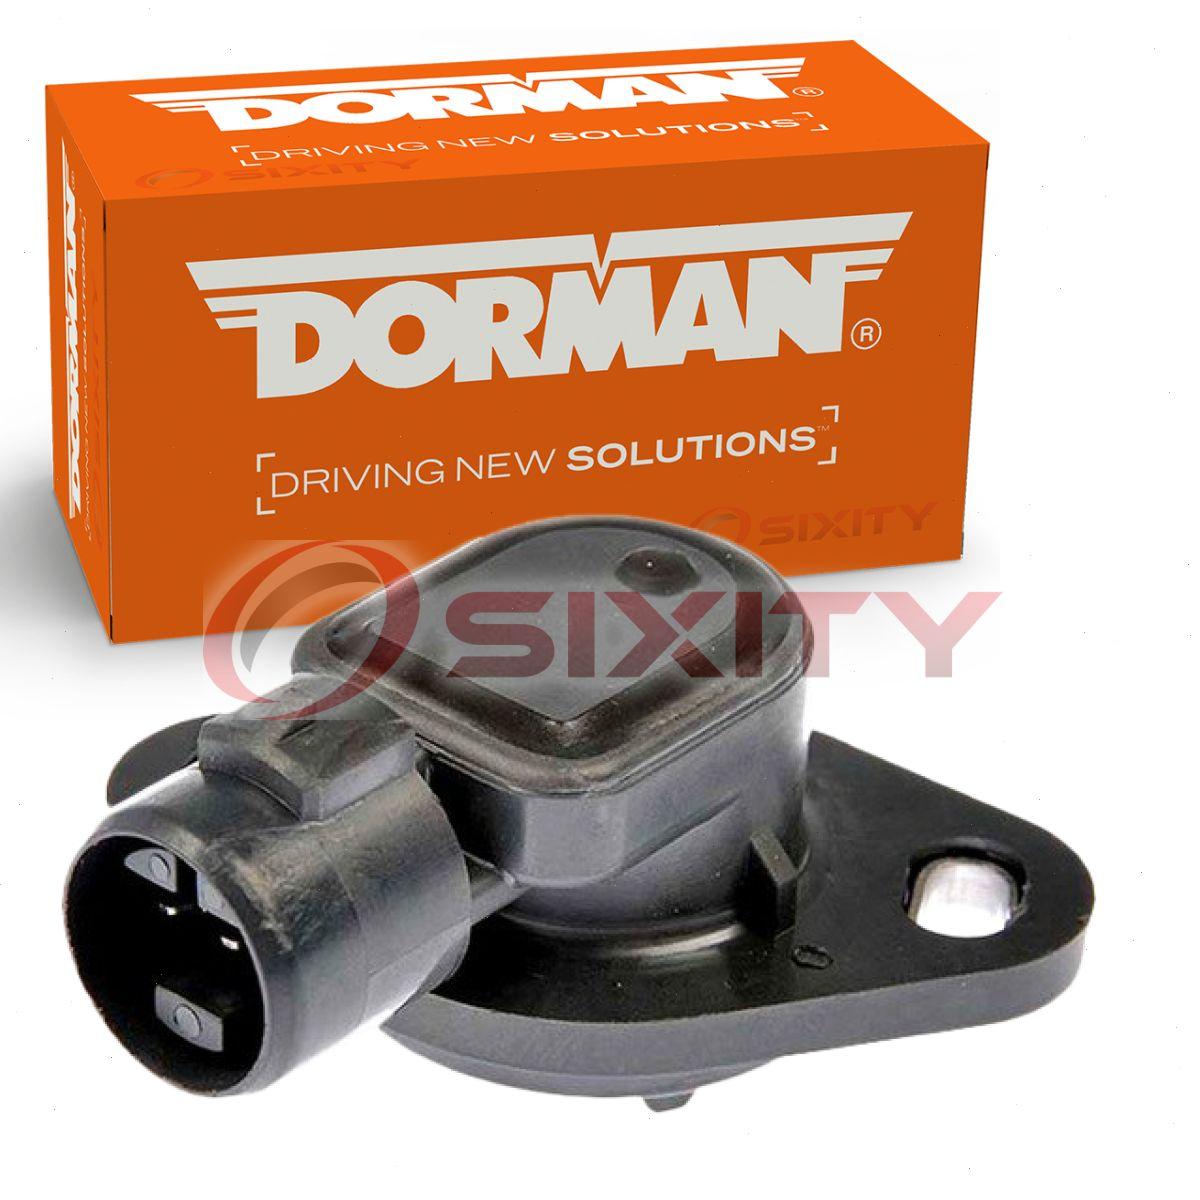 Dorman Throttle Position Sensor for Chevrolet Trailblazer 2004 TP TPS dc